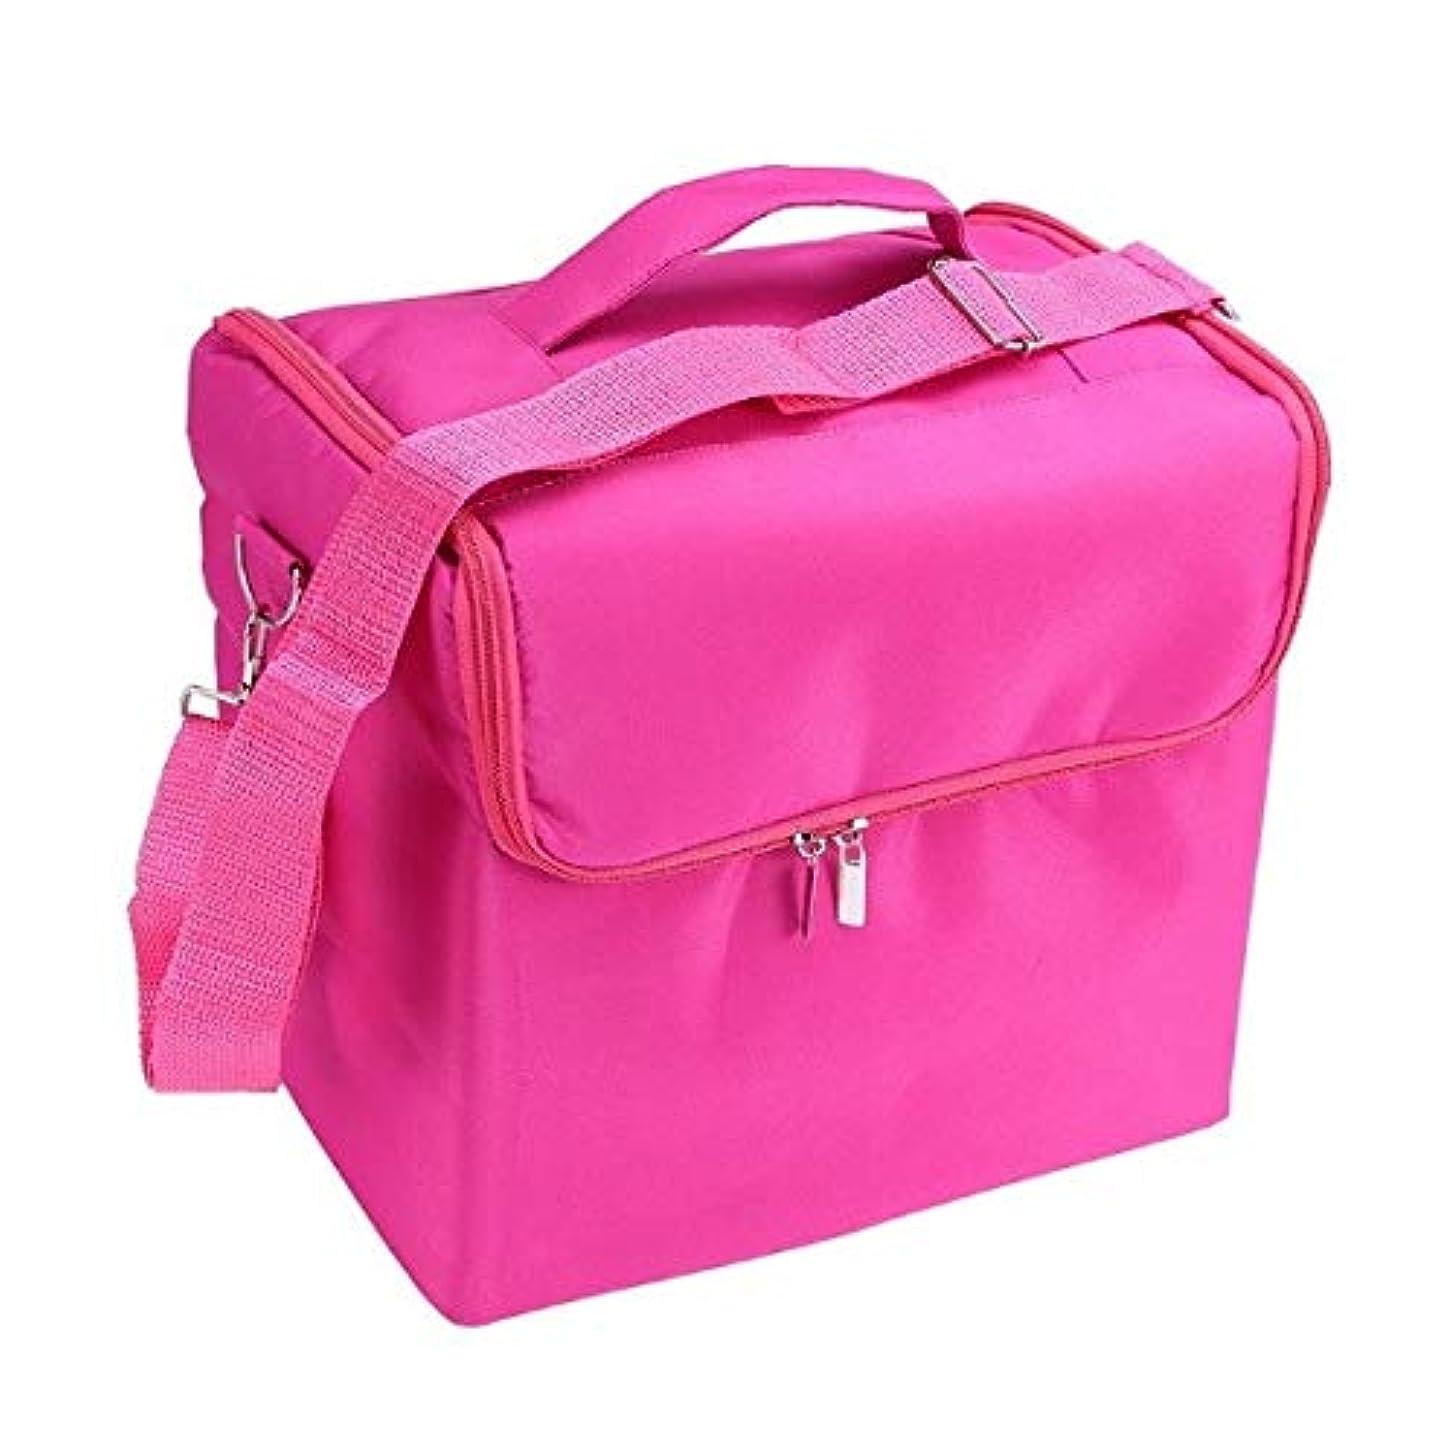 ピース野心予備化粧品ケース、ローズレッド多層化粧品バッグ、ポータブル旅行多機能化粧品ケース、美容ネイルジュエリー収納ボックス